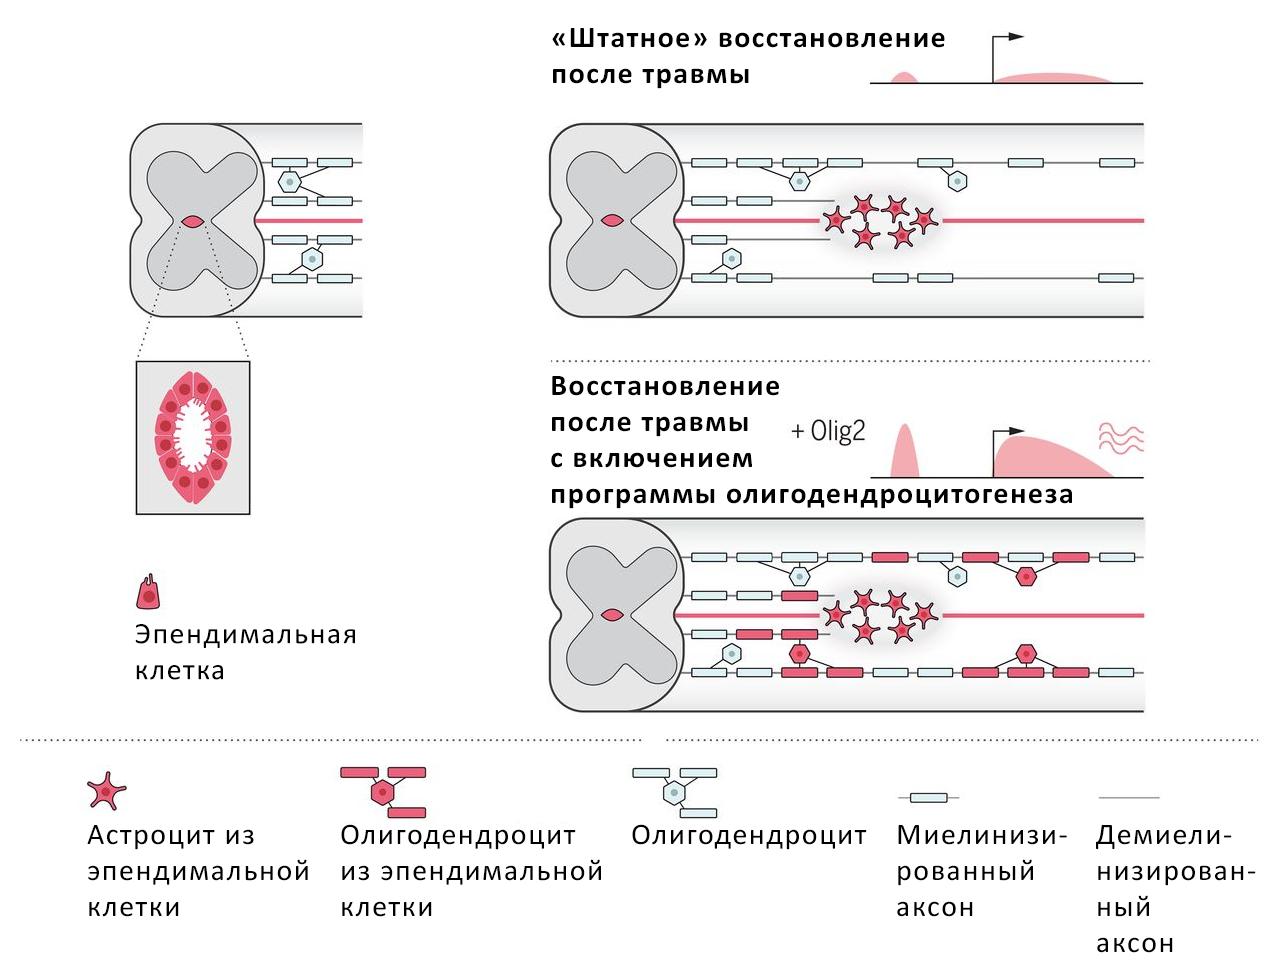 Запущенная при помощи генетической модификации экспрессия фактора Olig2 во взрослых эпендимальных клетках заставляет их после травмы дифференцироваться собразованием большего числа олигодендроцитов, что способствует функциональной регенерации спинного мозга.